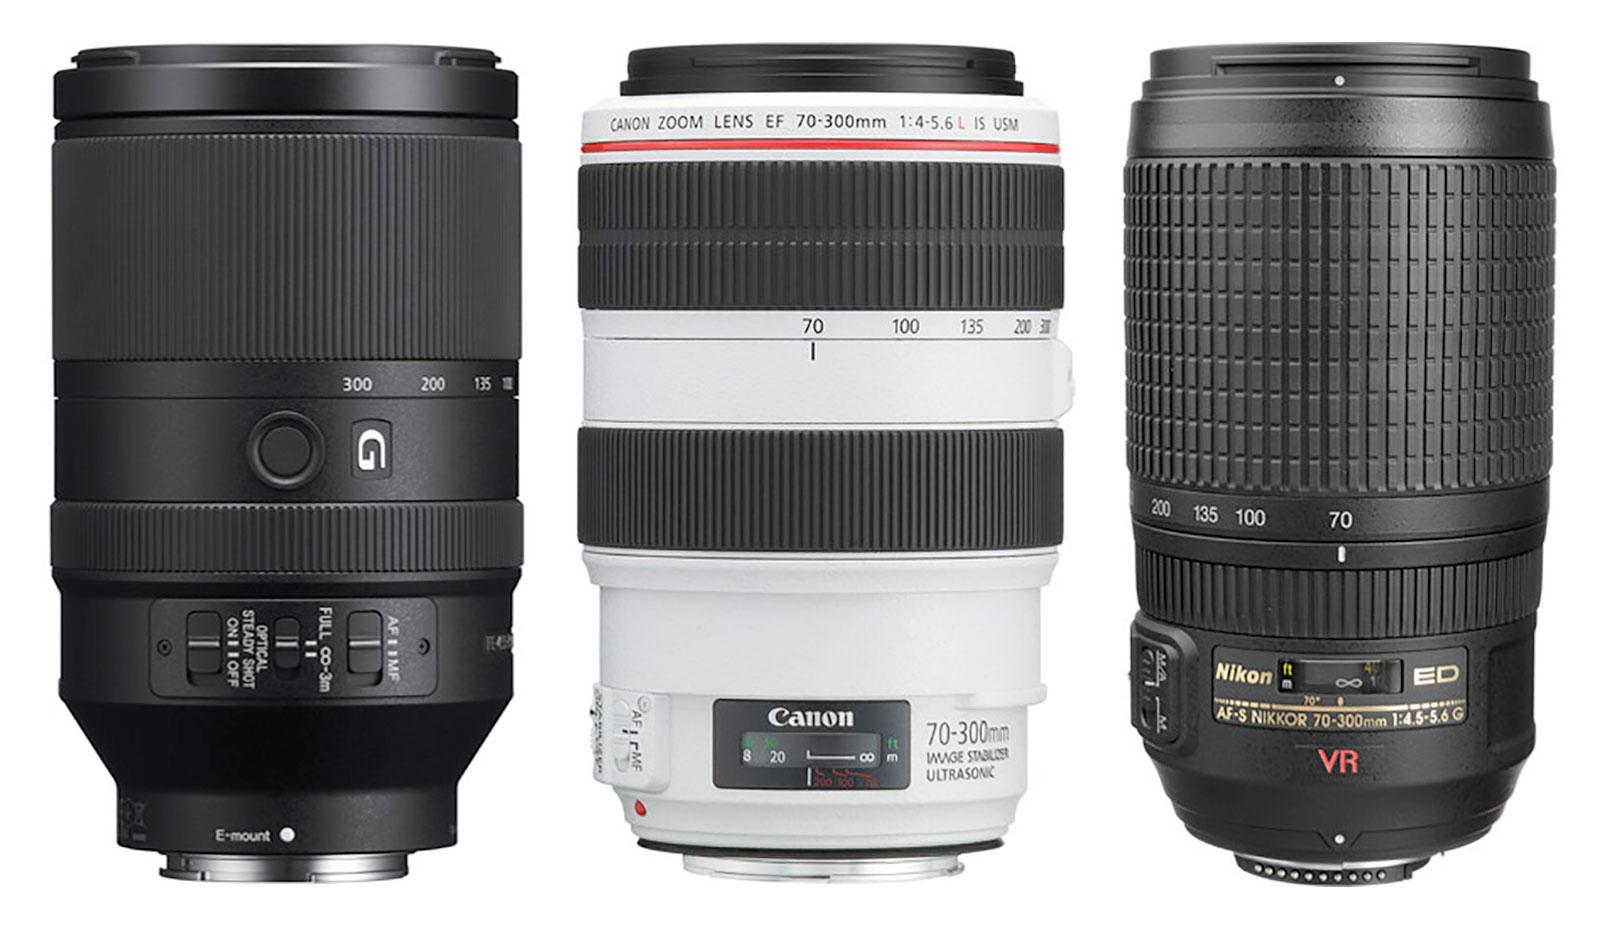 70-300mm F4.5-5.6 Zoom Lenses